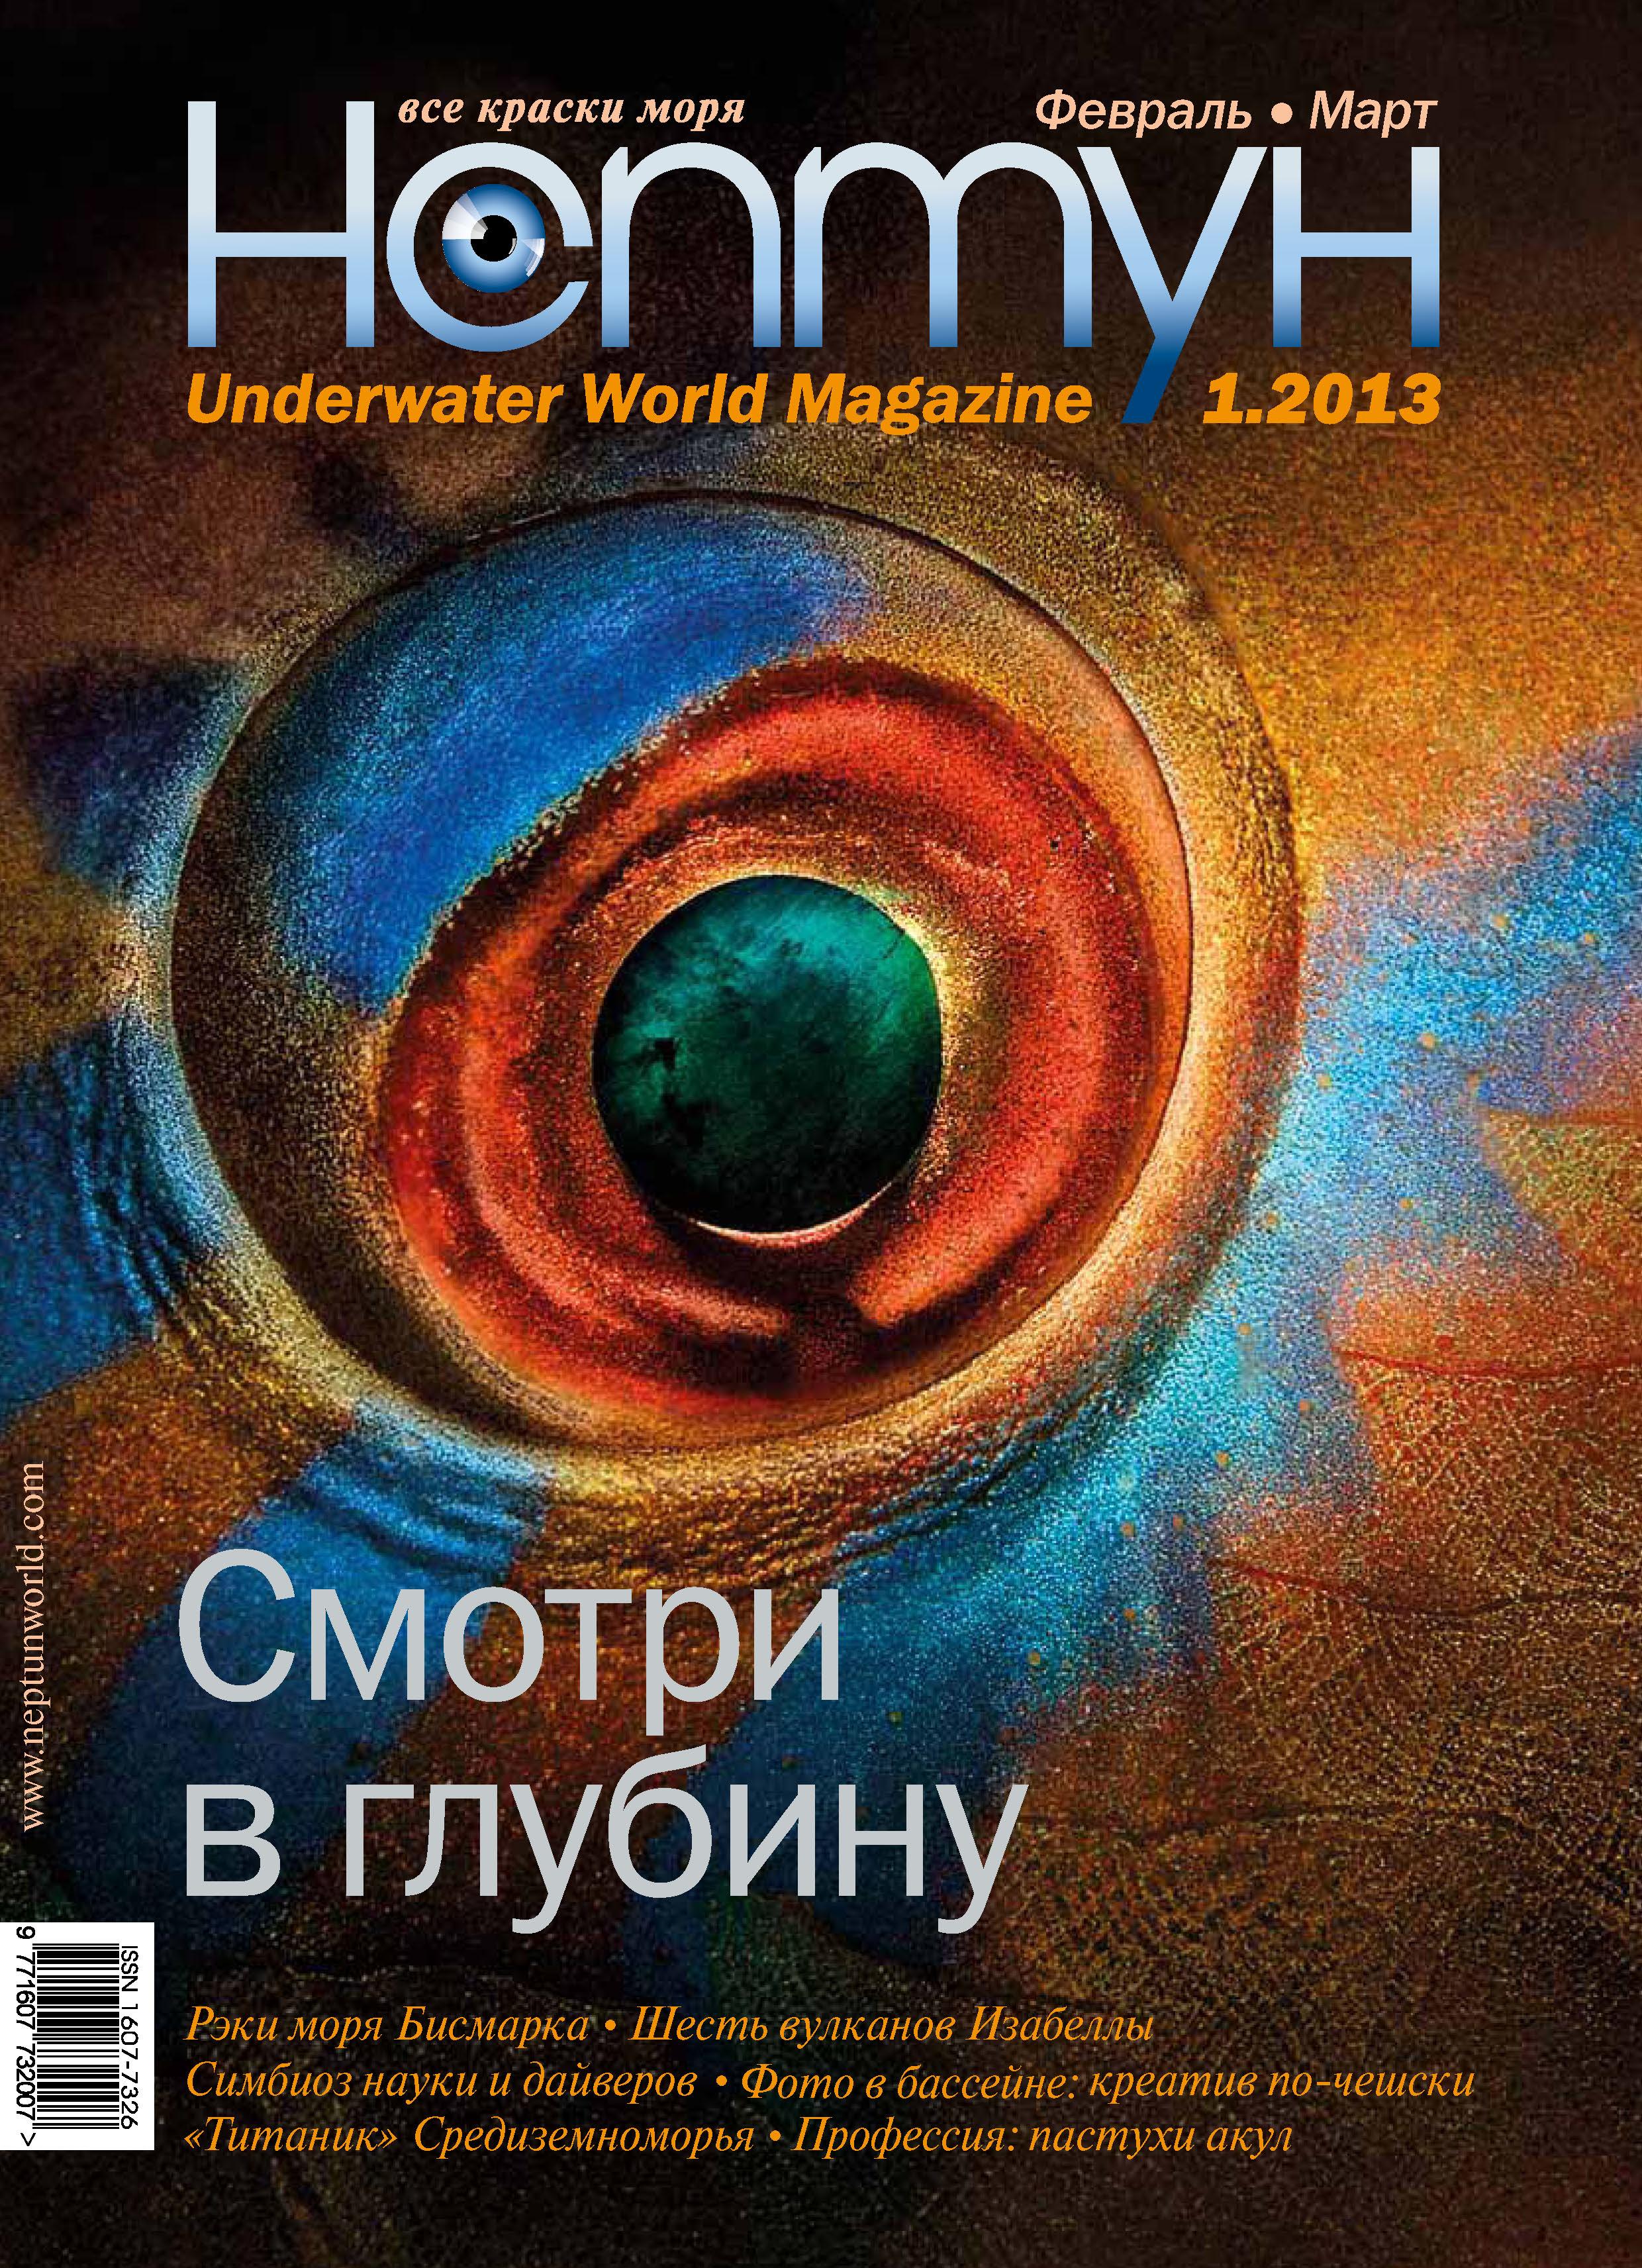 Нептун №1/2013